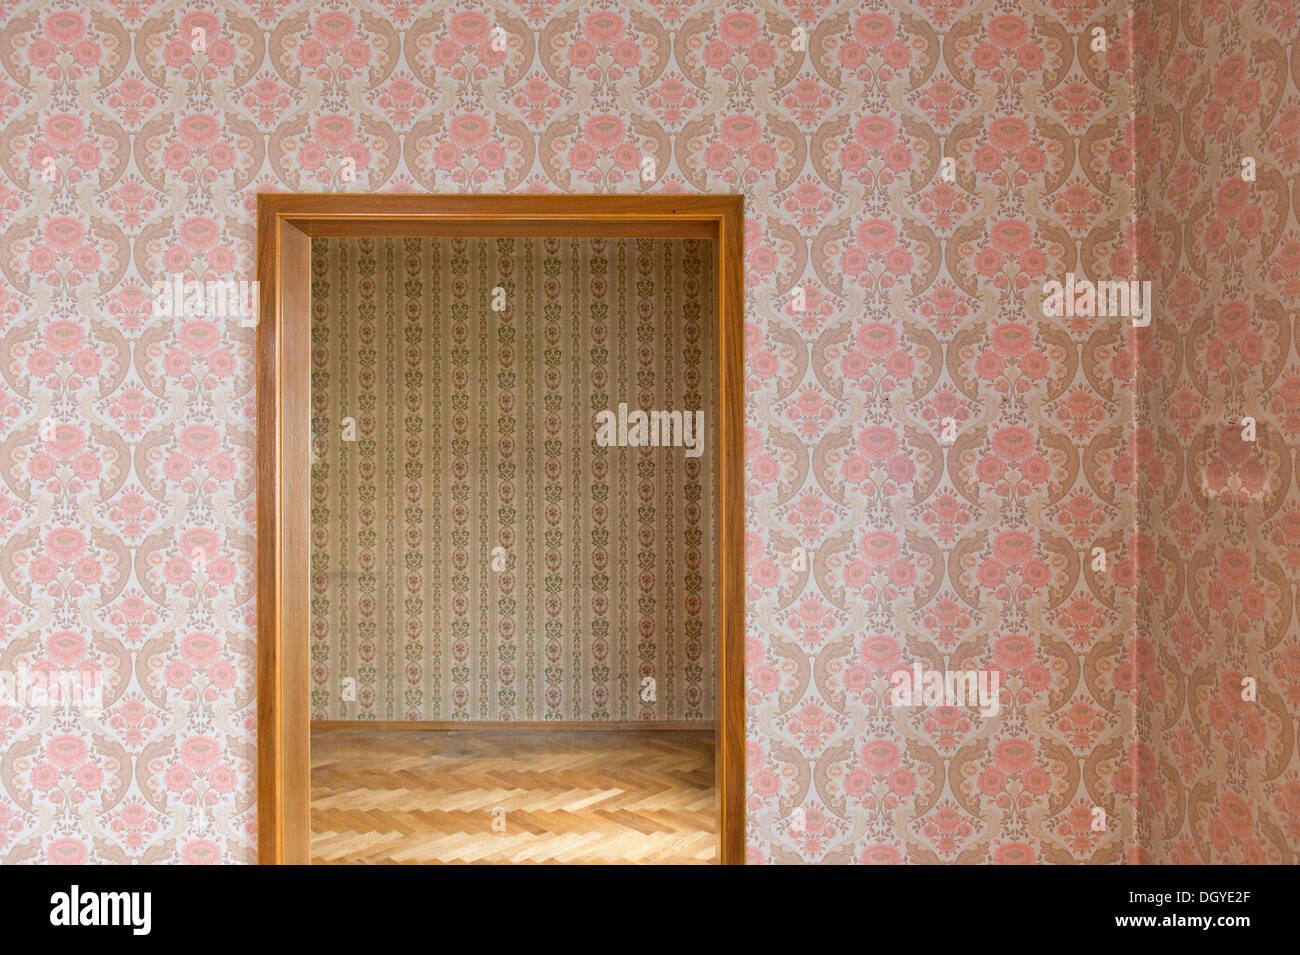 Camera con la vecchia carta da parati, vecchia carta da parati dagli anni sessanta, Stoccarda, Baden-Wuerttemberg Immagini Stock